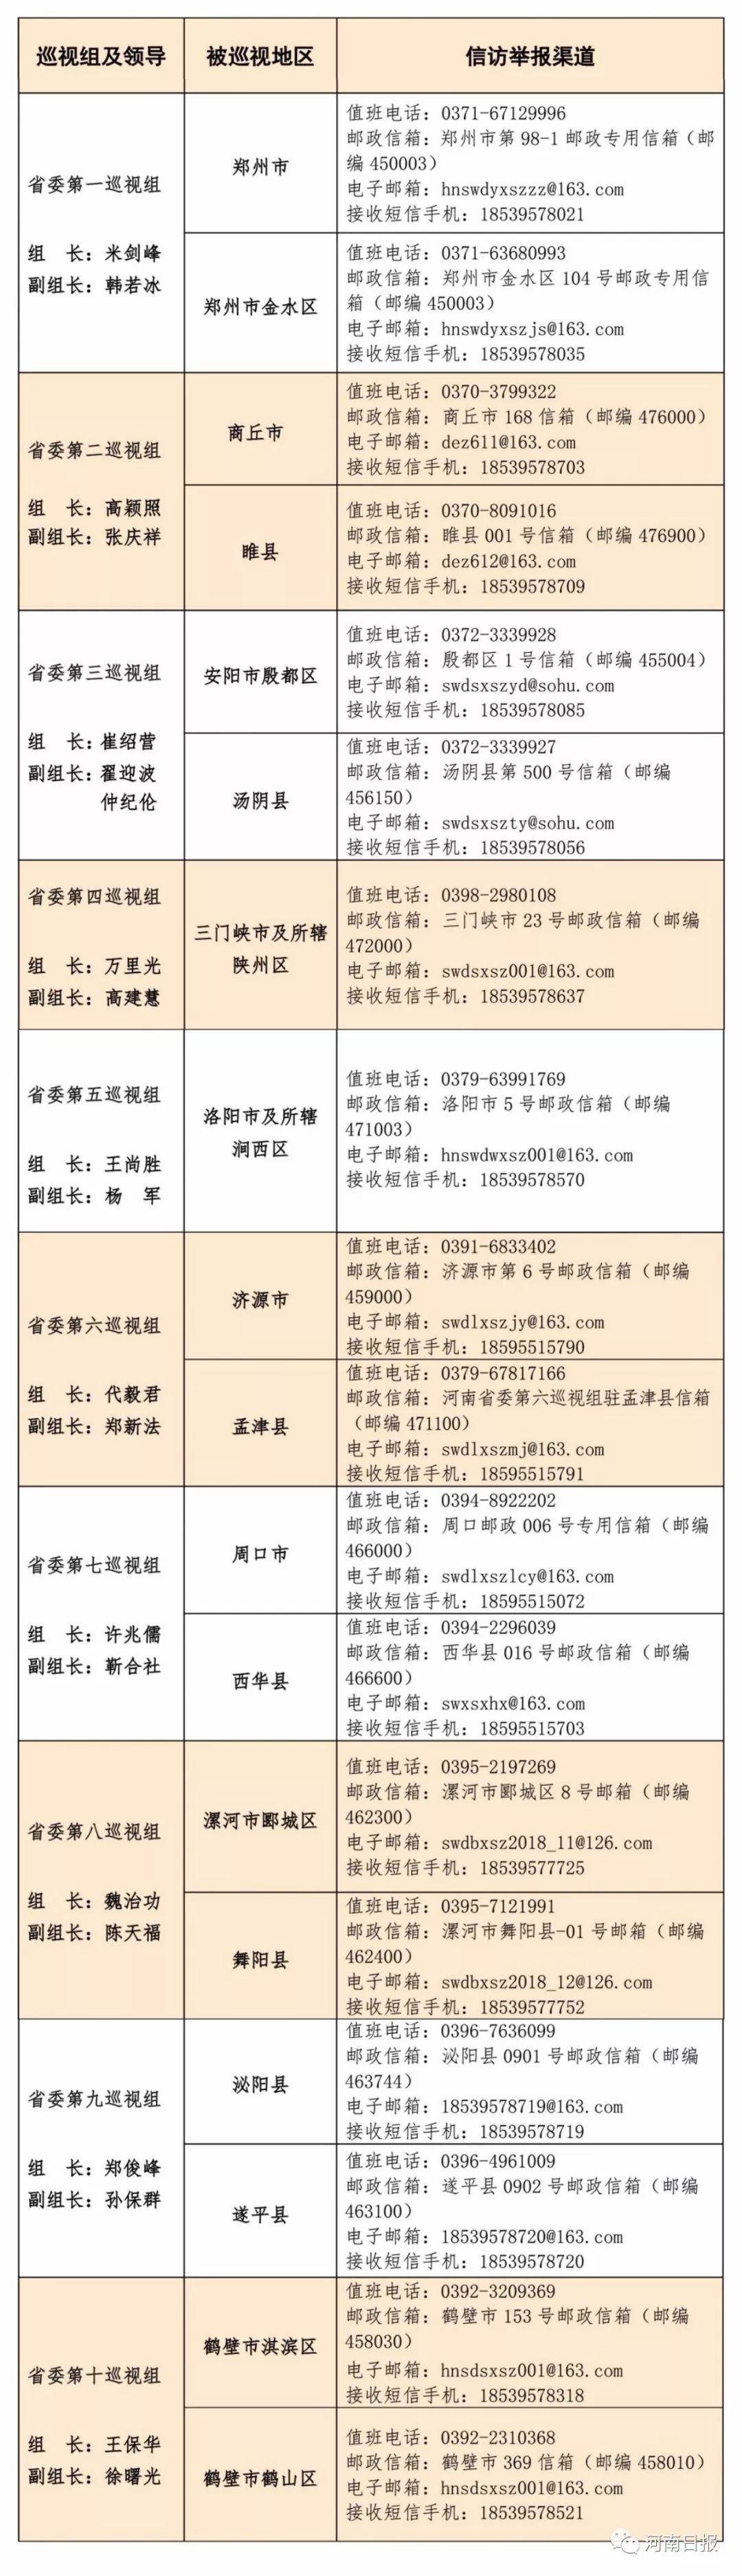 十届河南省委第三轮巡视全部进驻(附进驻情况一览表)